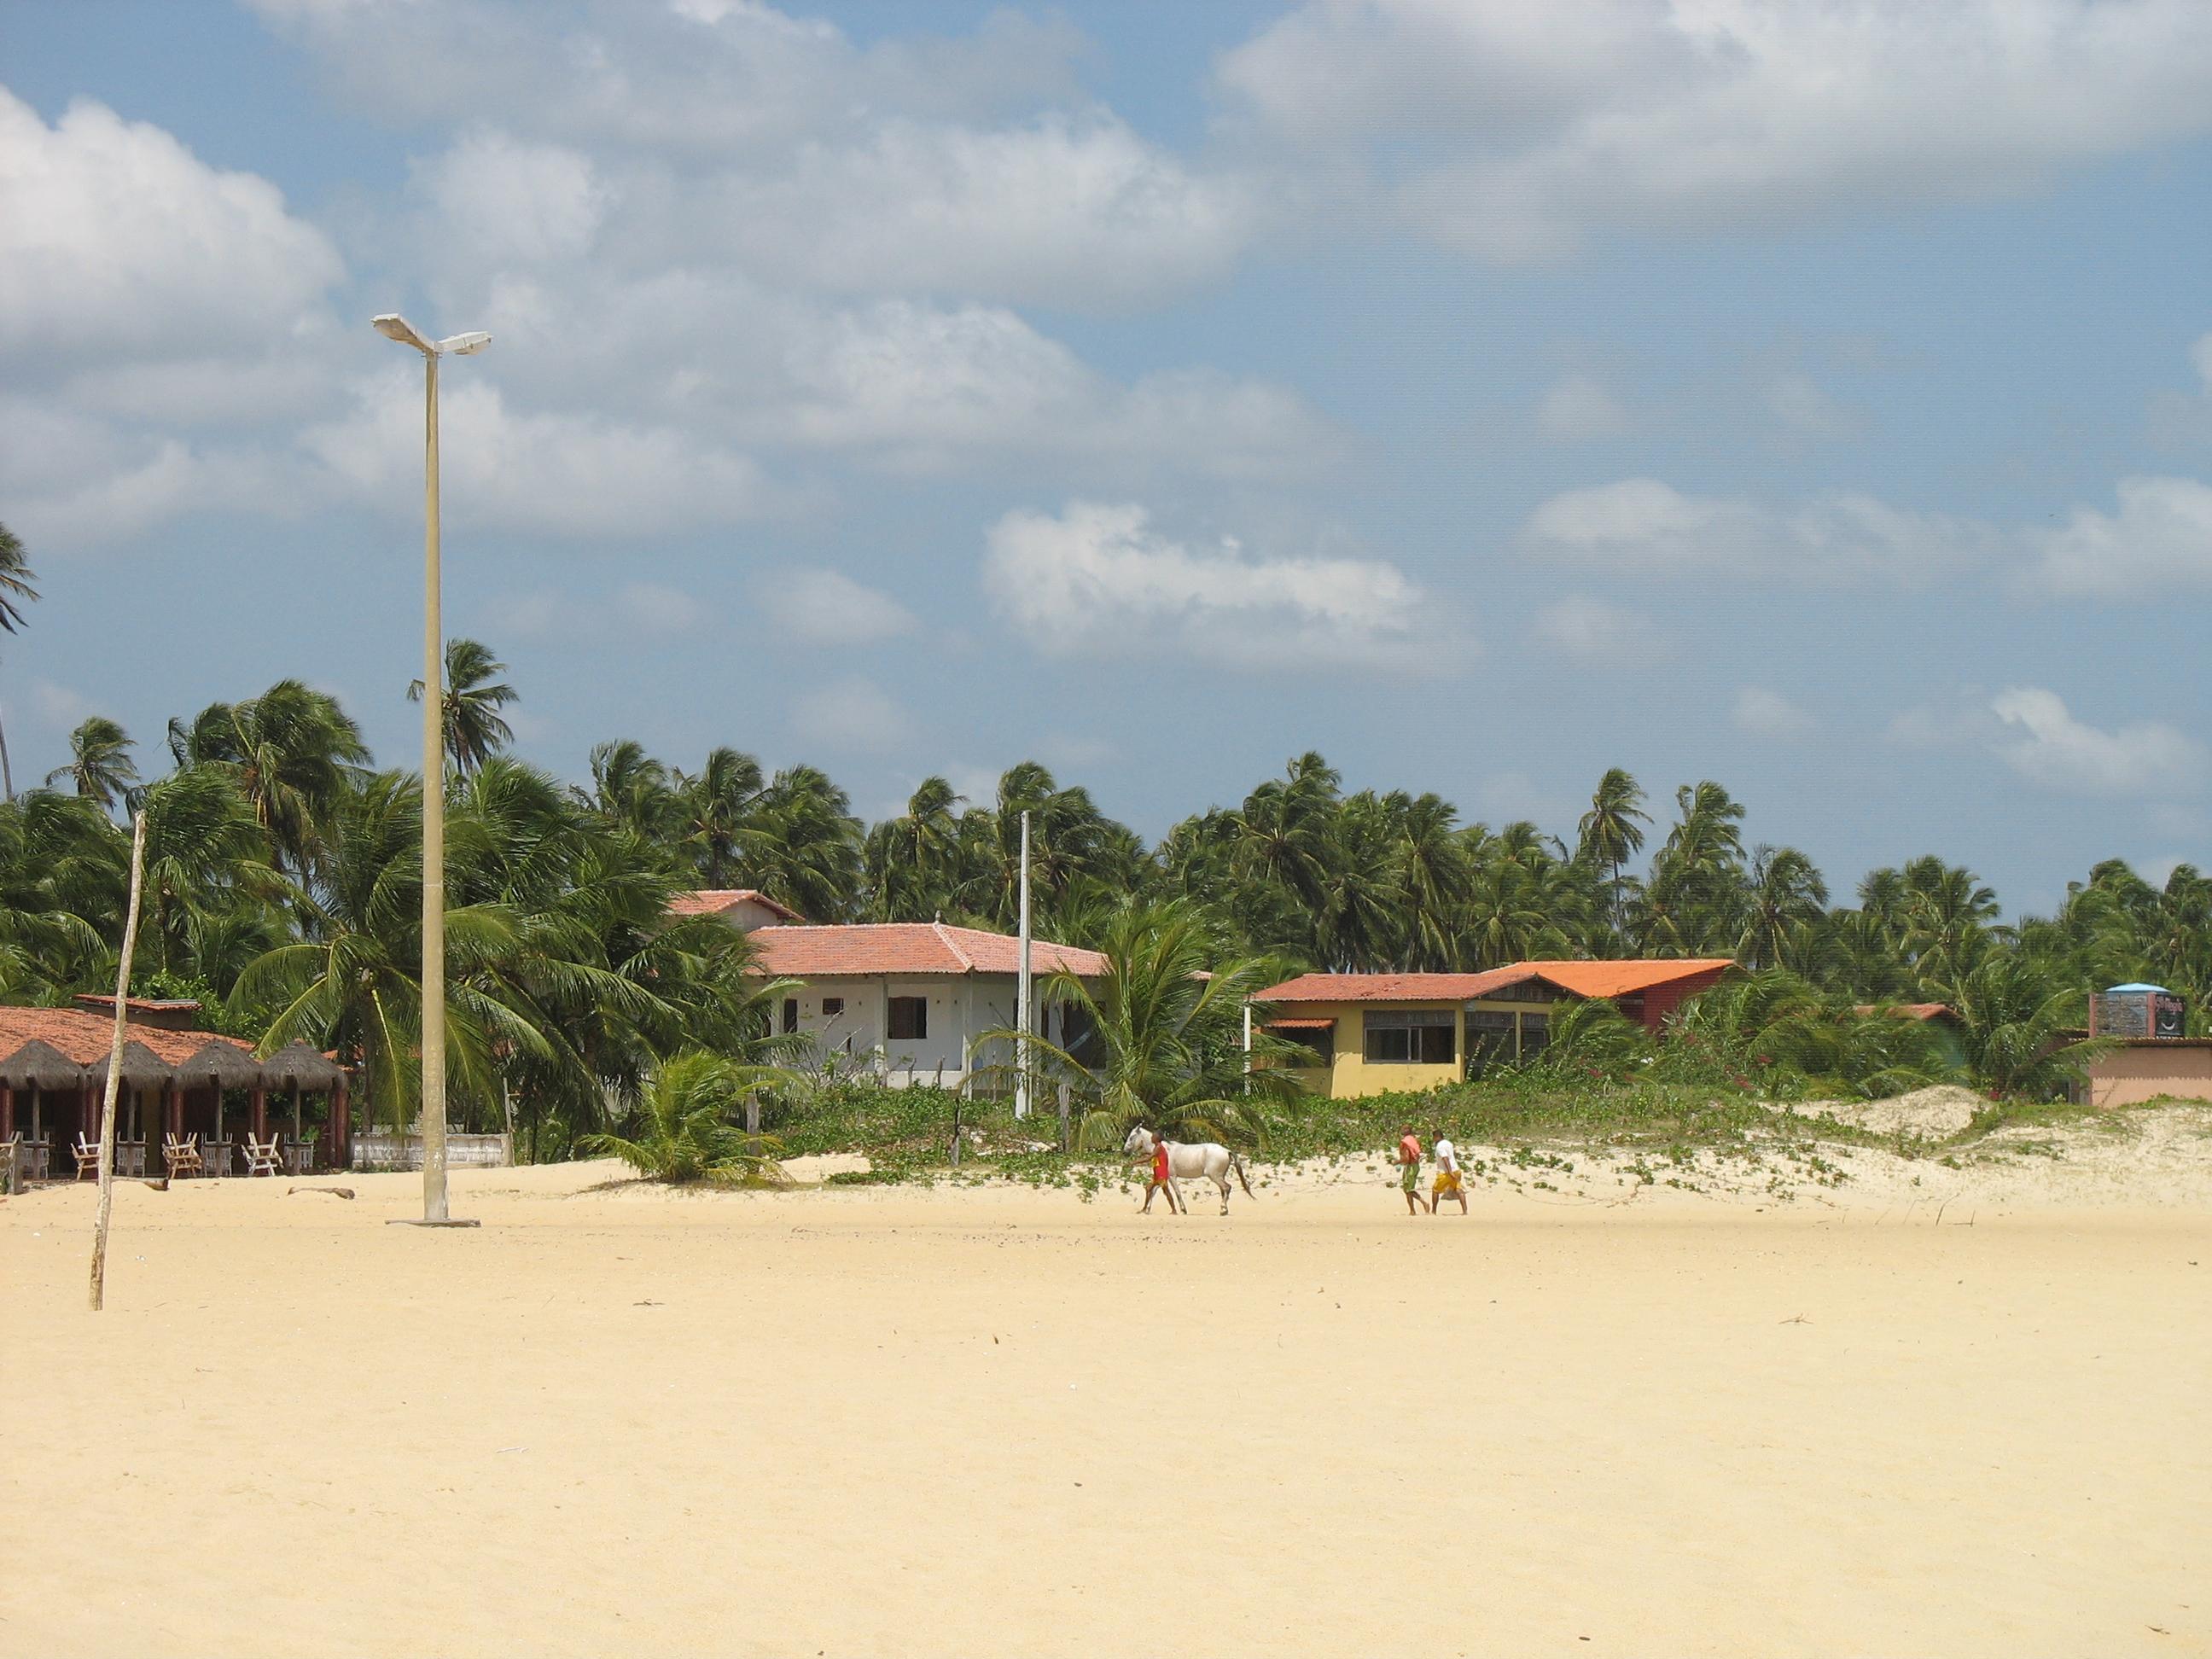 Der traumhafte schier endlose Strand von Gostoso in Brasilien.